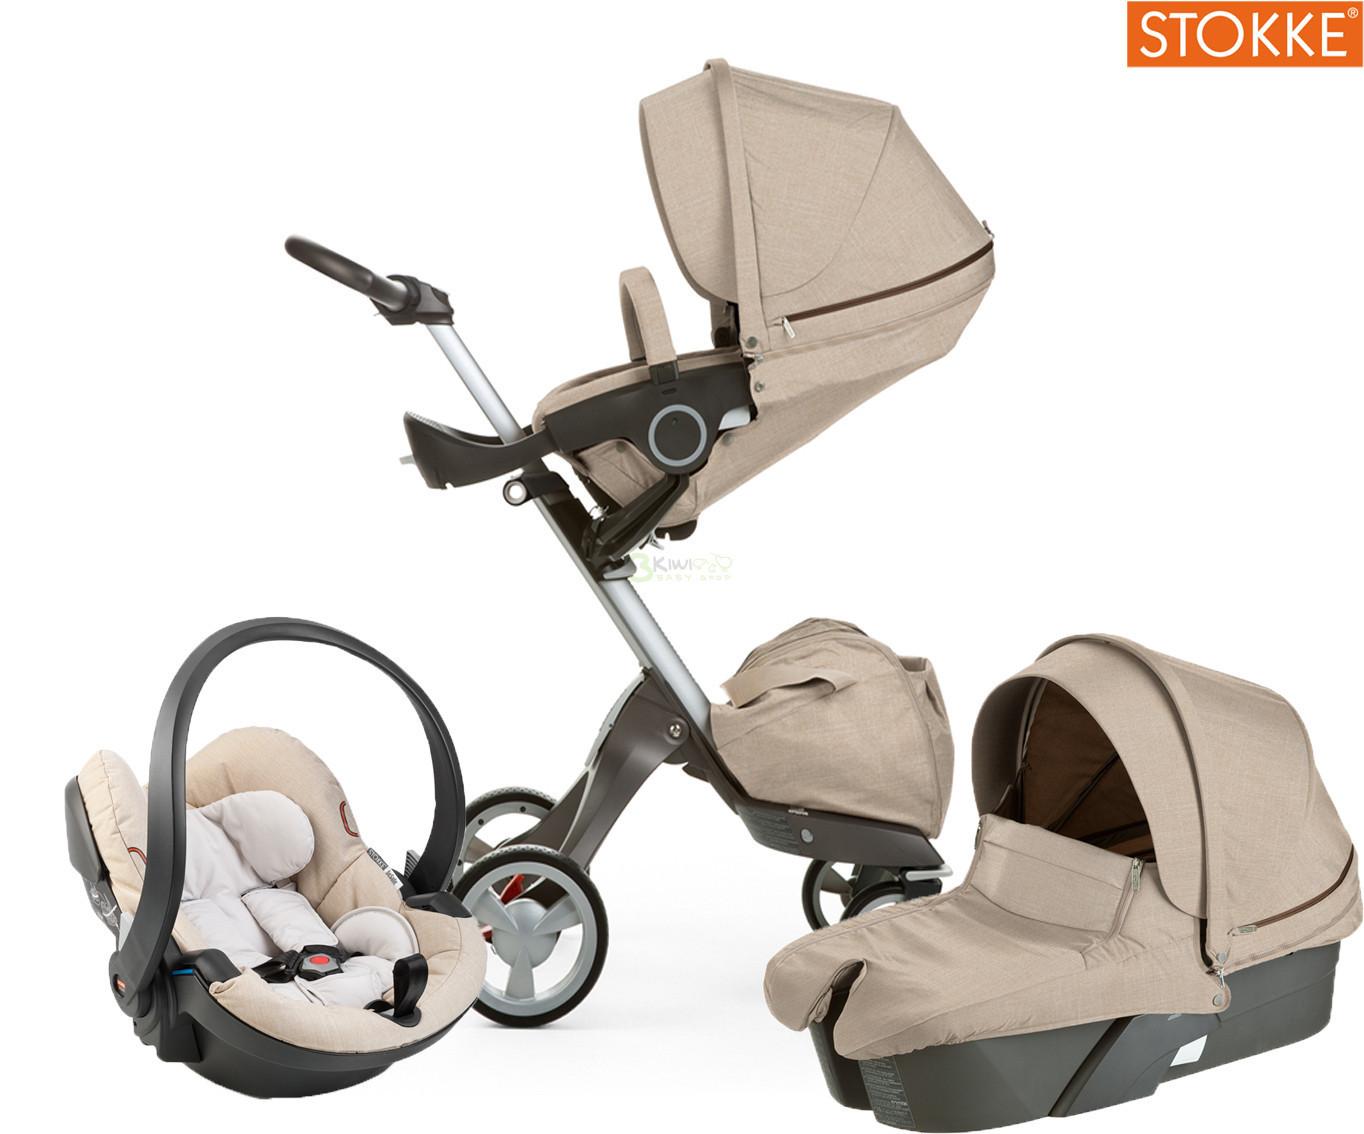 Tienda segunda mano bebé e infantil · OFERTAS EN ZARAGOZA (ACTUR)